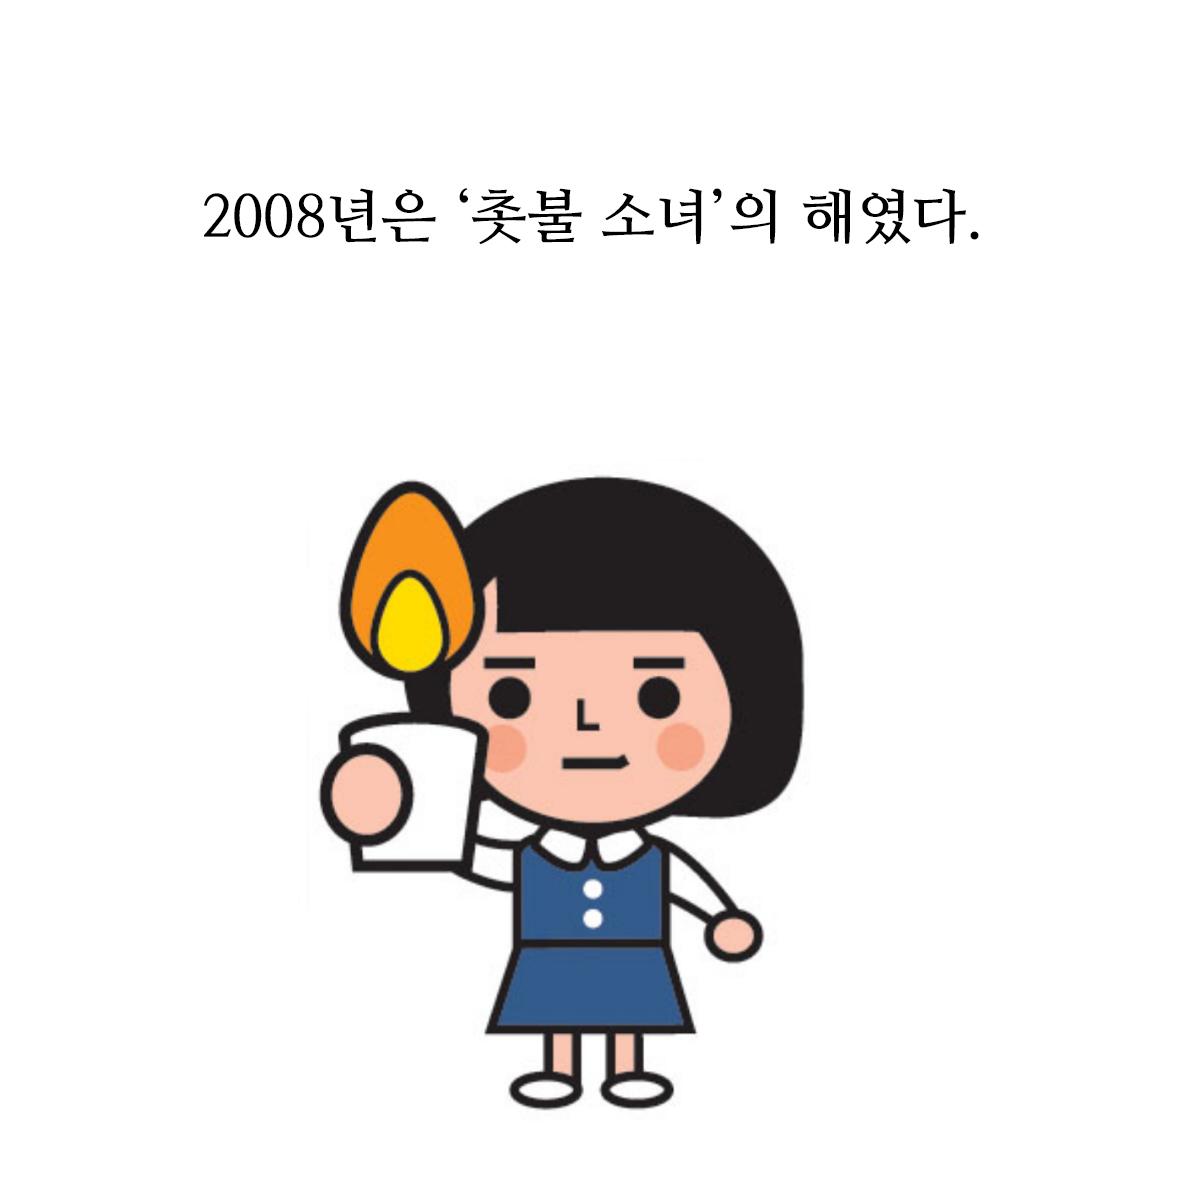 [2019] 정종태 동지 14주기, 이지현 동지 7주기 추모제